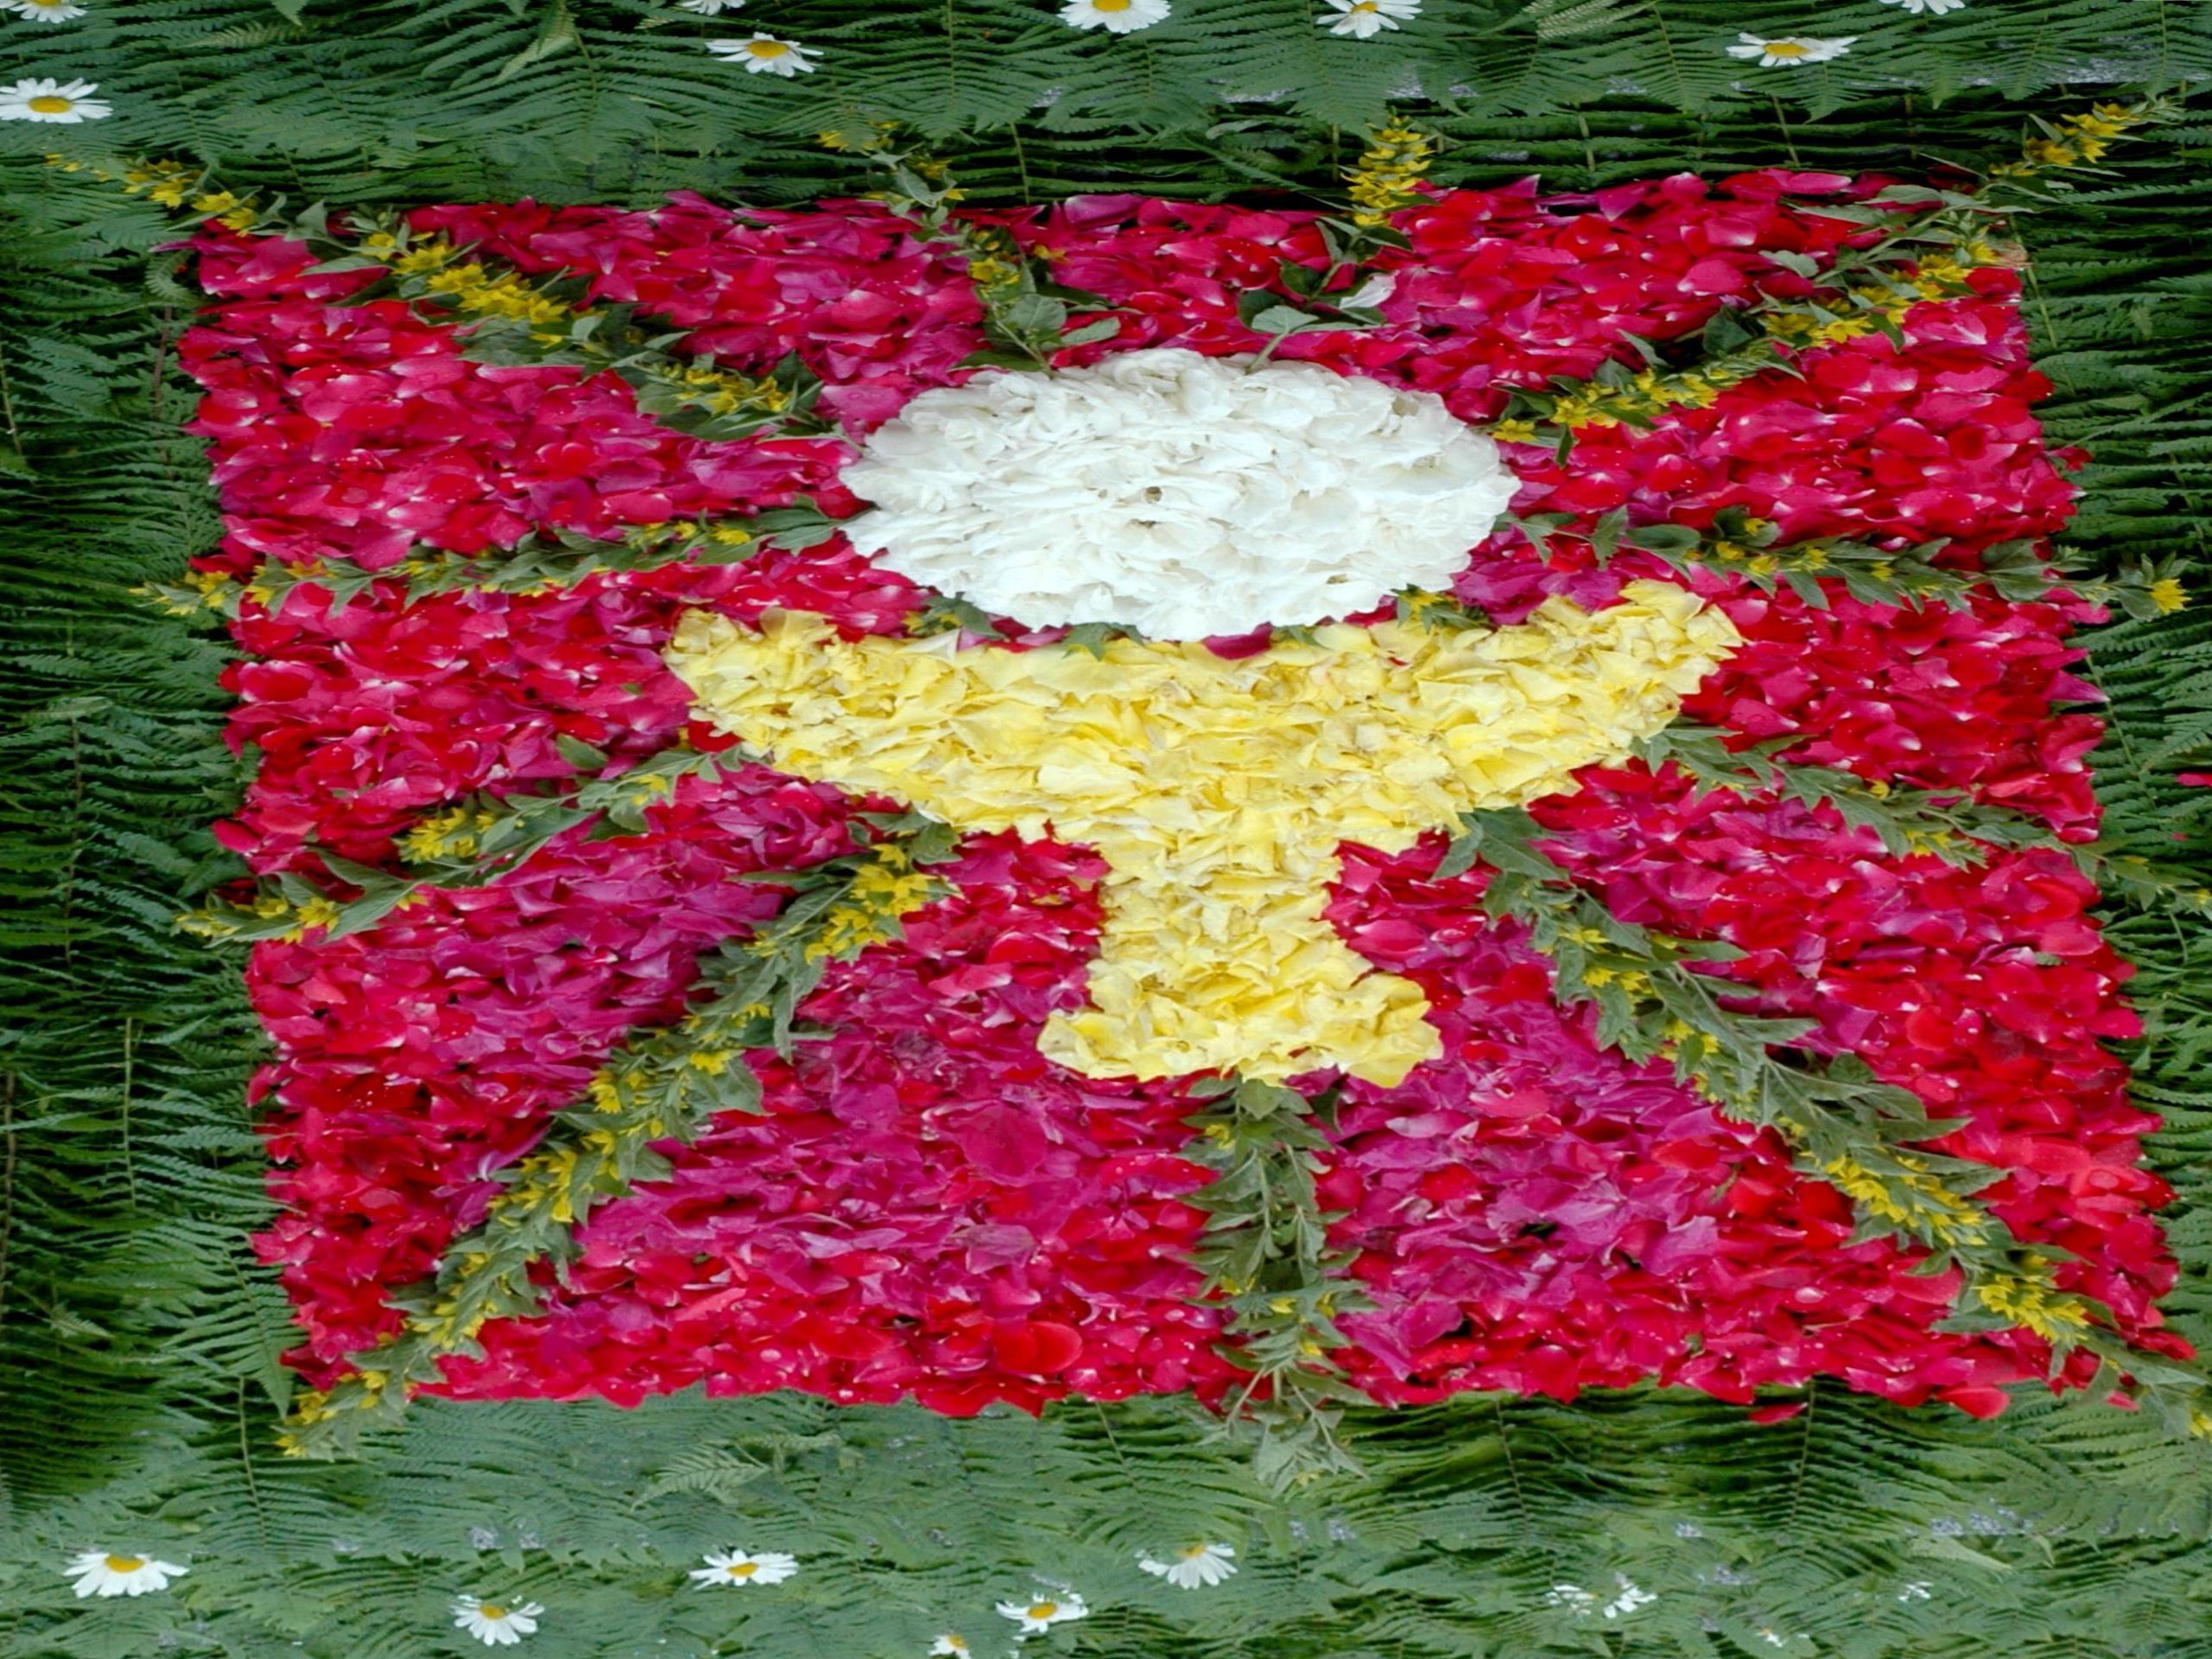 Der Blumenteppich vor der Hörbranzer Kirche (Ausschnitt)